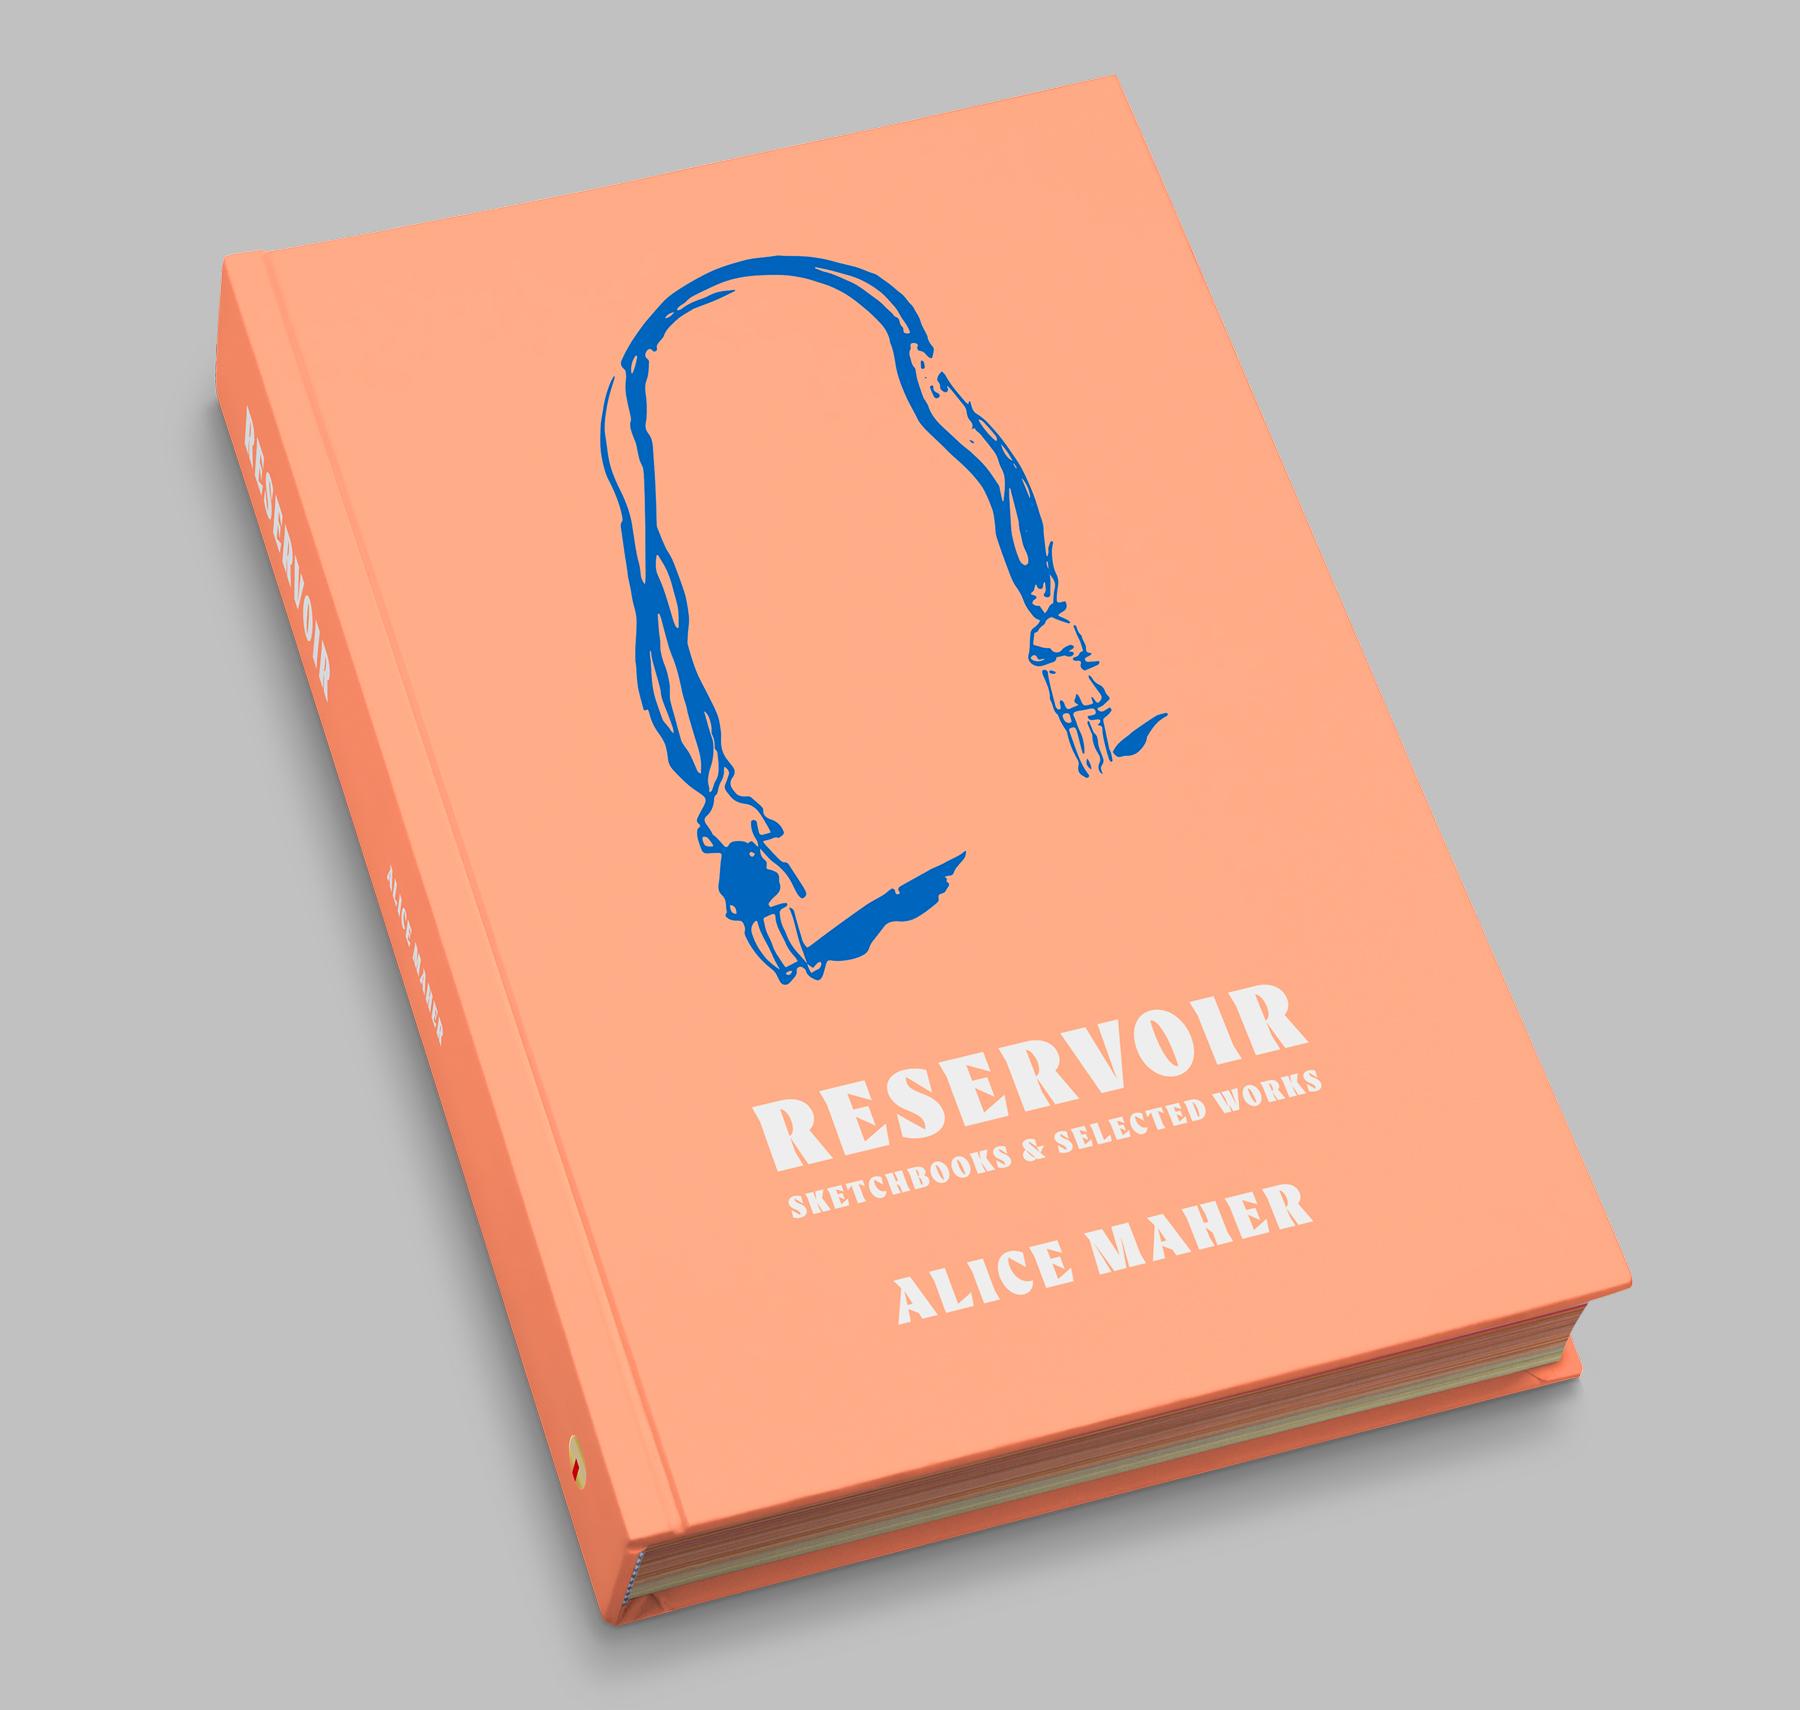 Cover image: Reservoir: Sketchbooks & Selected Works (2014)